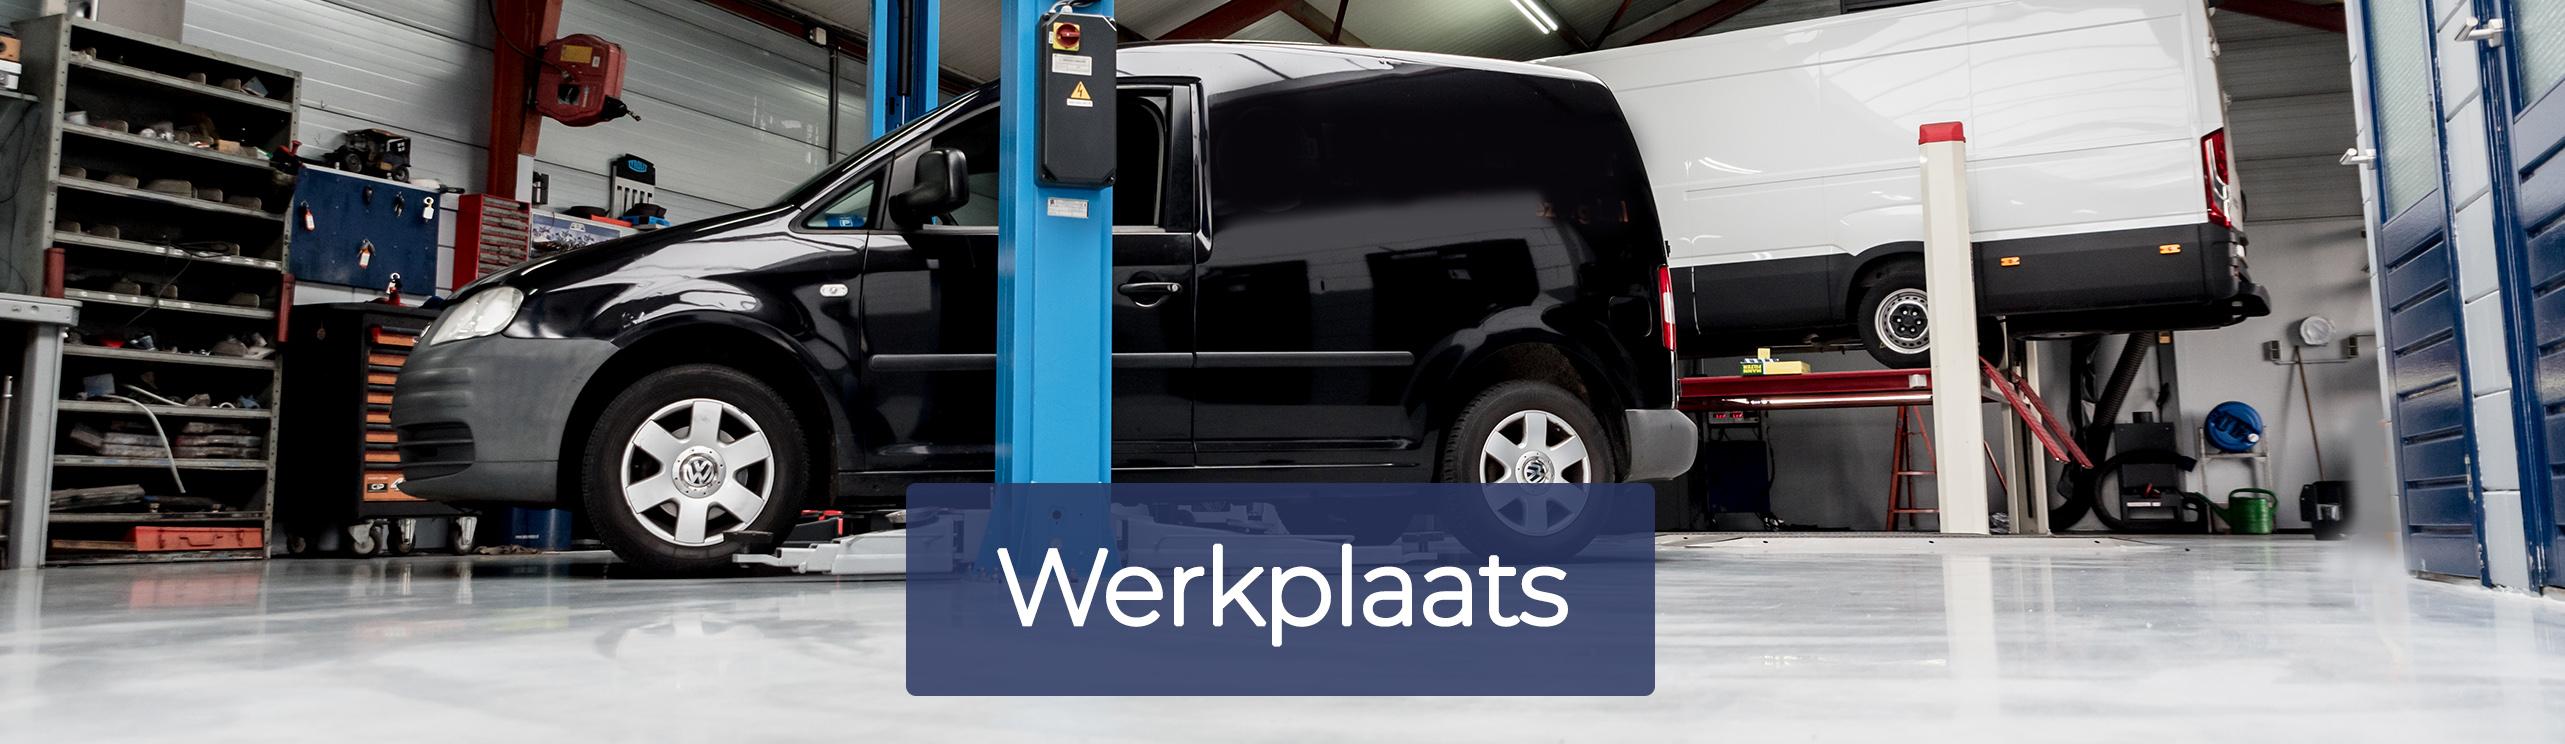 Werkplaats Autocentrum Flevoland in Emmeloord